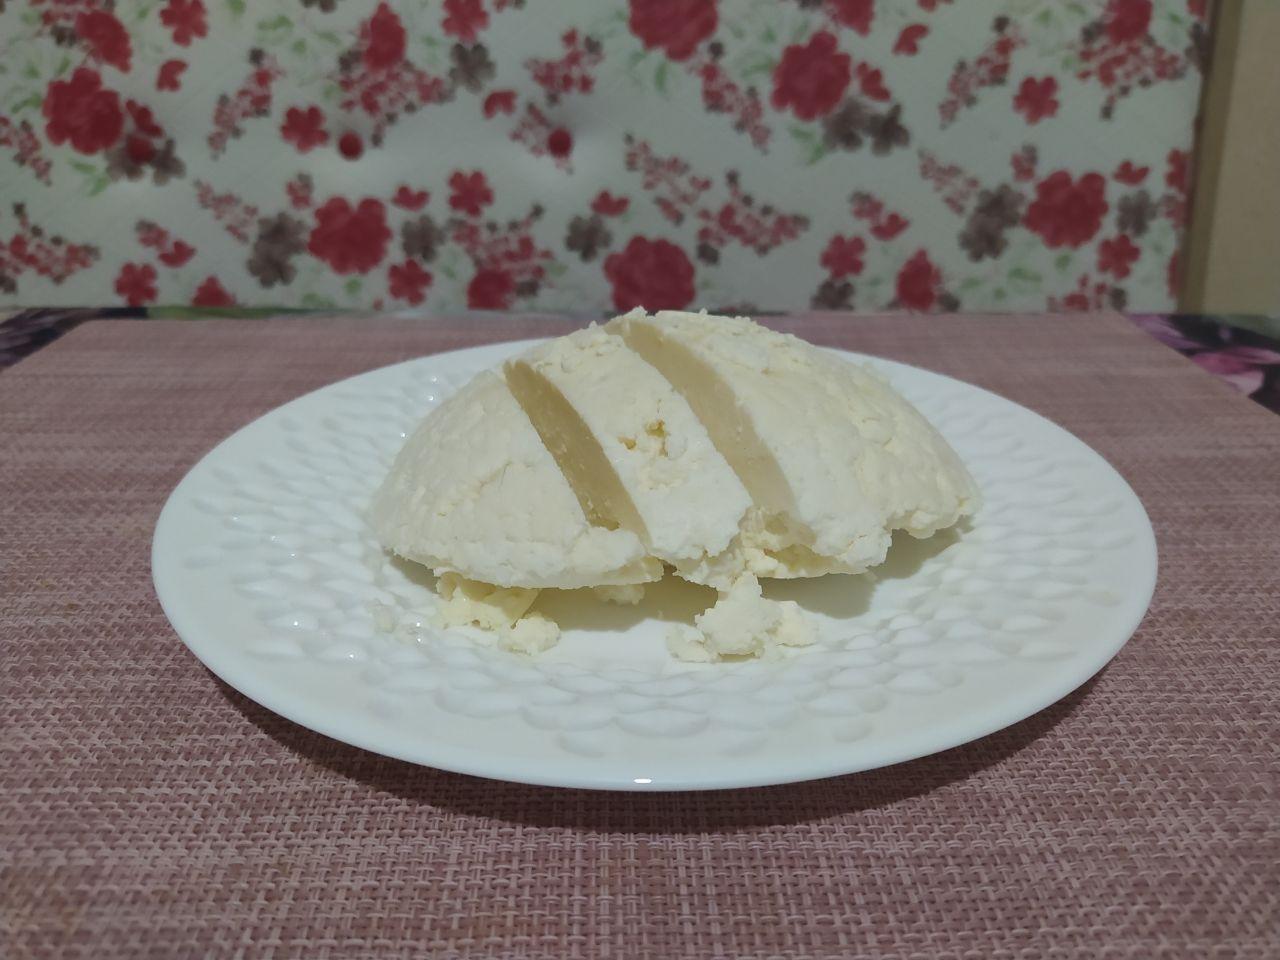 Домашний сыр и«халявная» стрижка. Месяц наминималке. Эксперимент NM